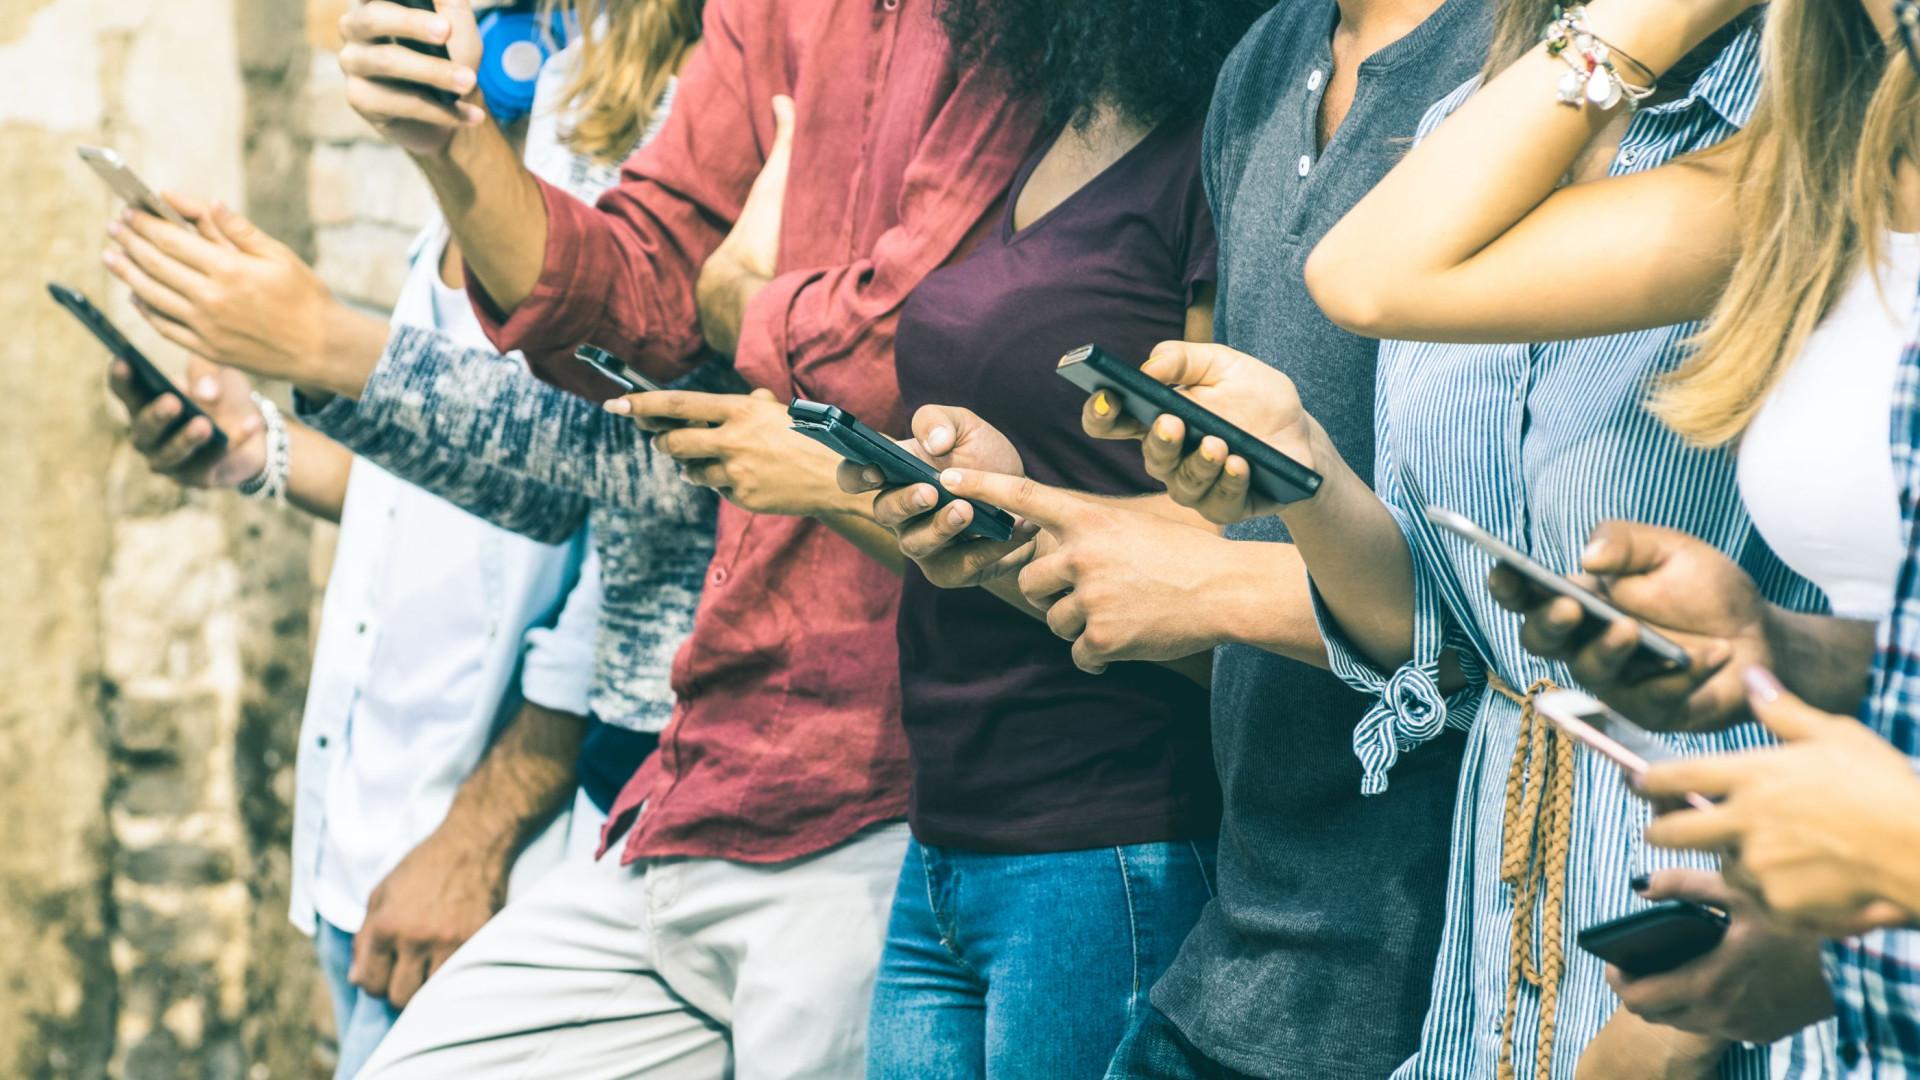 Mais confiantes e menos solitários. O efeito das redes sociais nos jovens